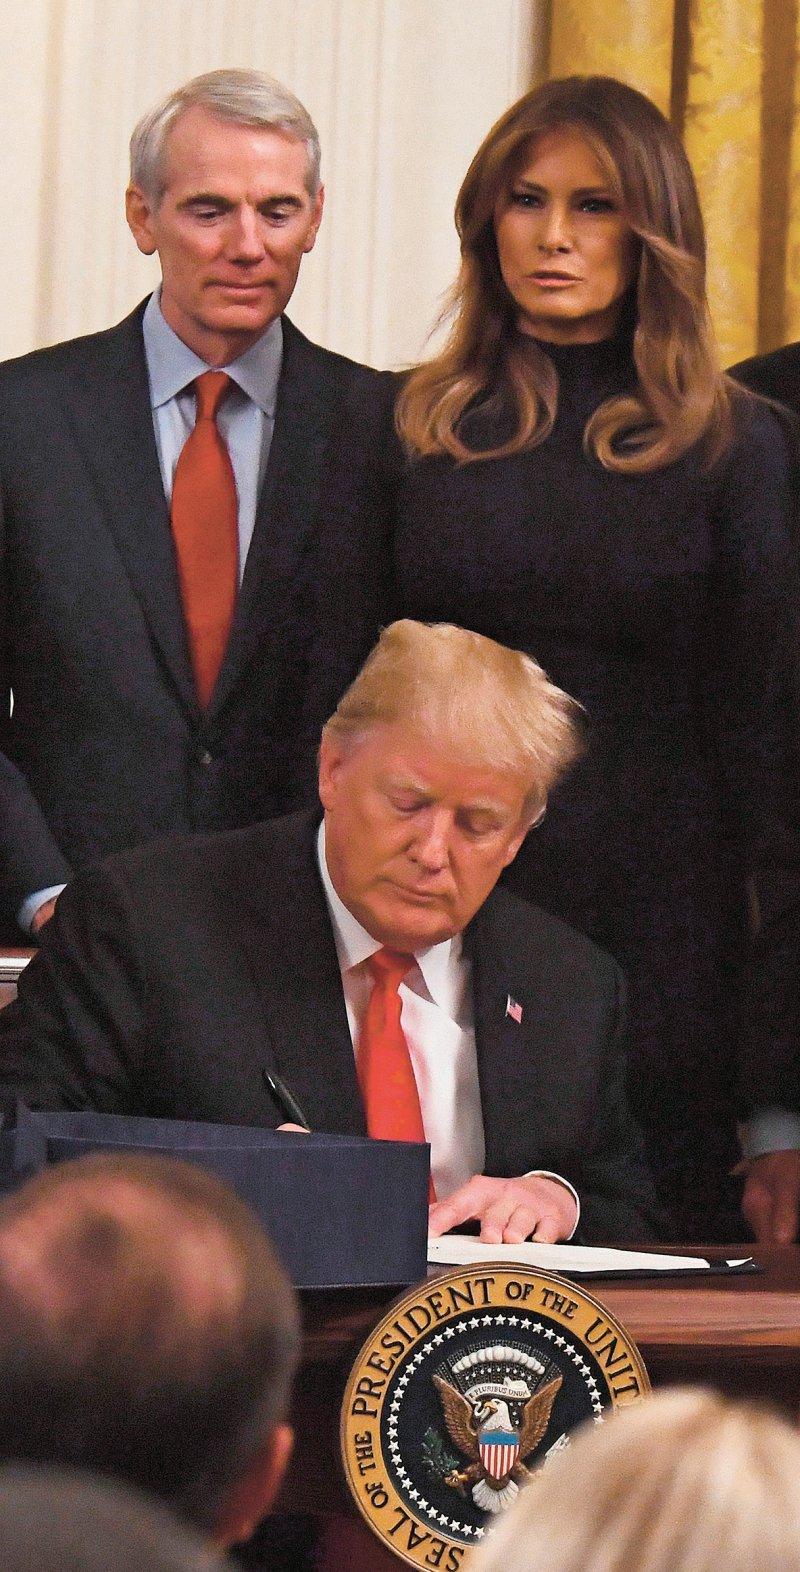 Mit dem von Donald Trump unterschriebenen Gesetz fließen mehr als acht Milliarden US-Dollar in die Bekämpfung der Opioidkrise. Foto: picture alliance